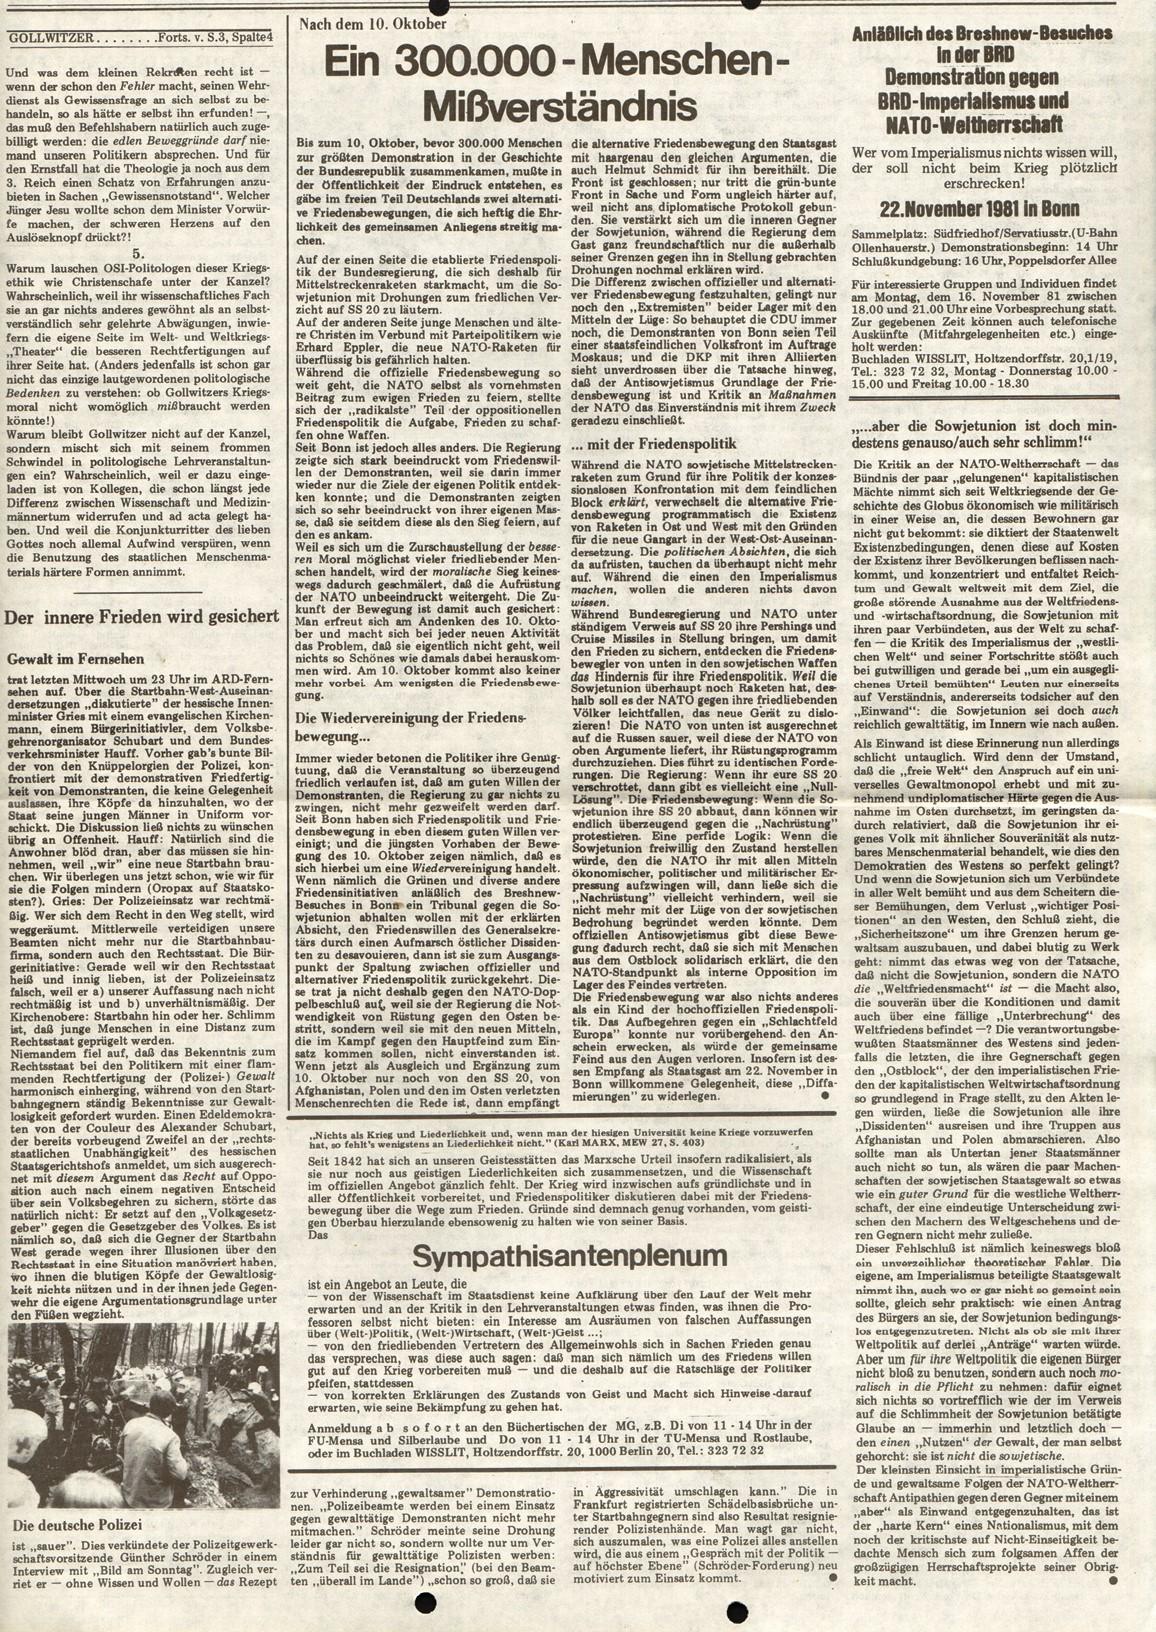 Berlin_MG_Hochschulzeitung_19811116_04